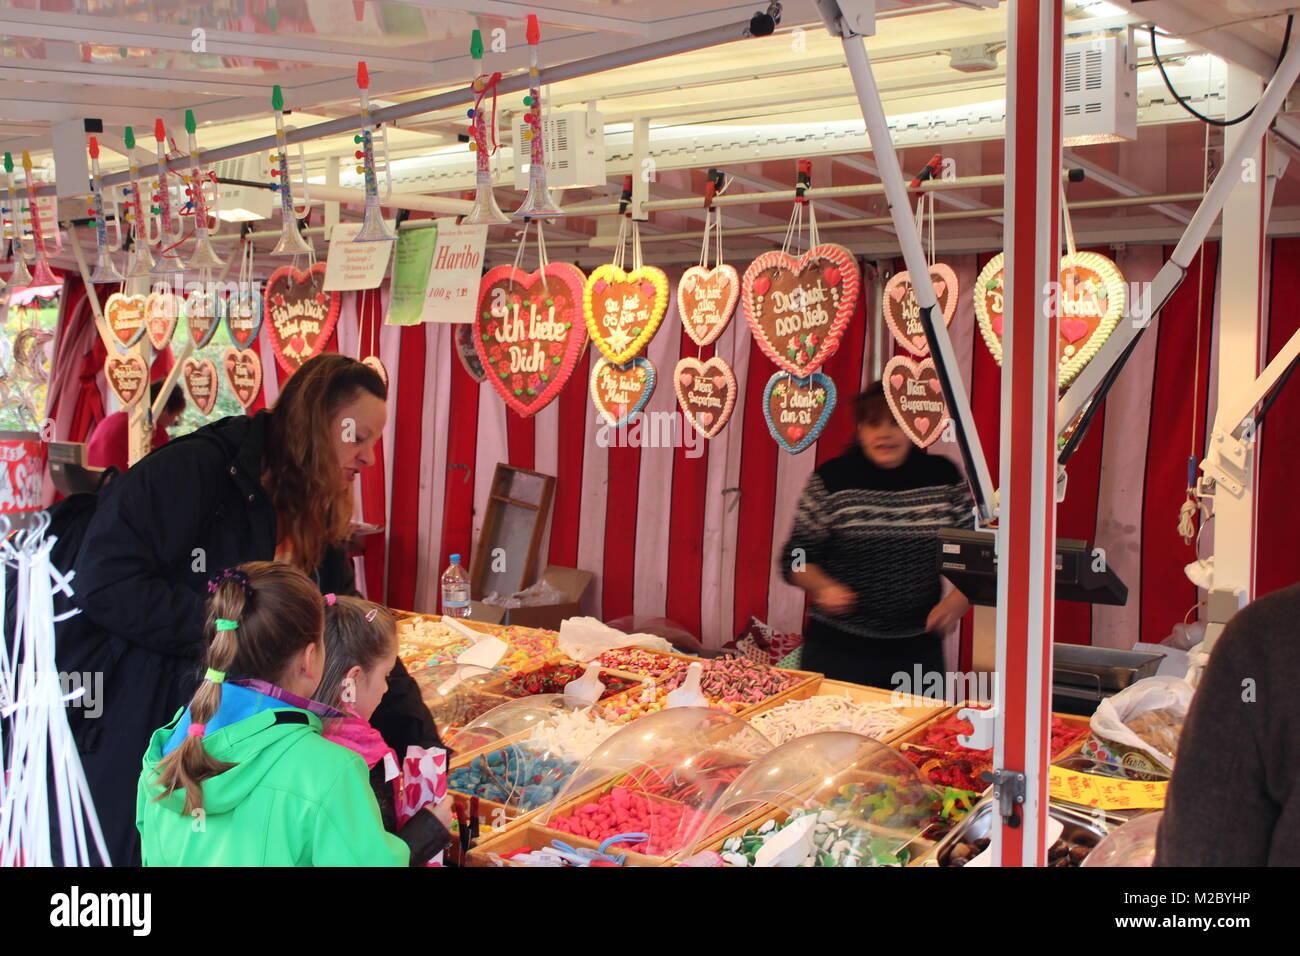 Am Süßigkeitenstand können sich die Kinder beim 723. Tengener Schätzele-Markt die Tüten - Stock Image